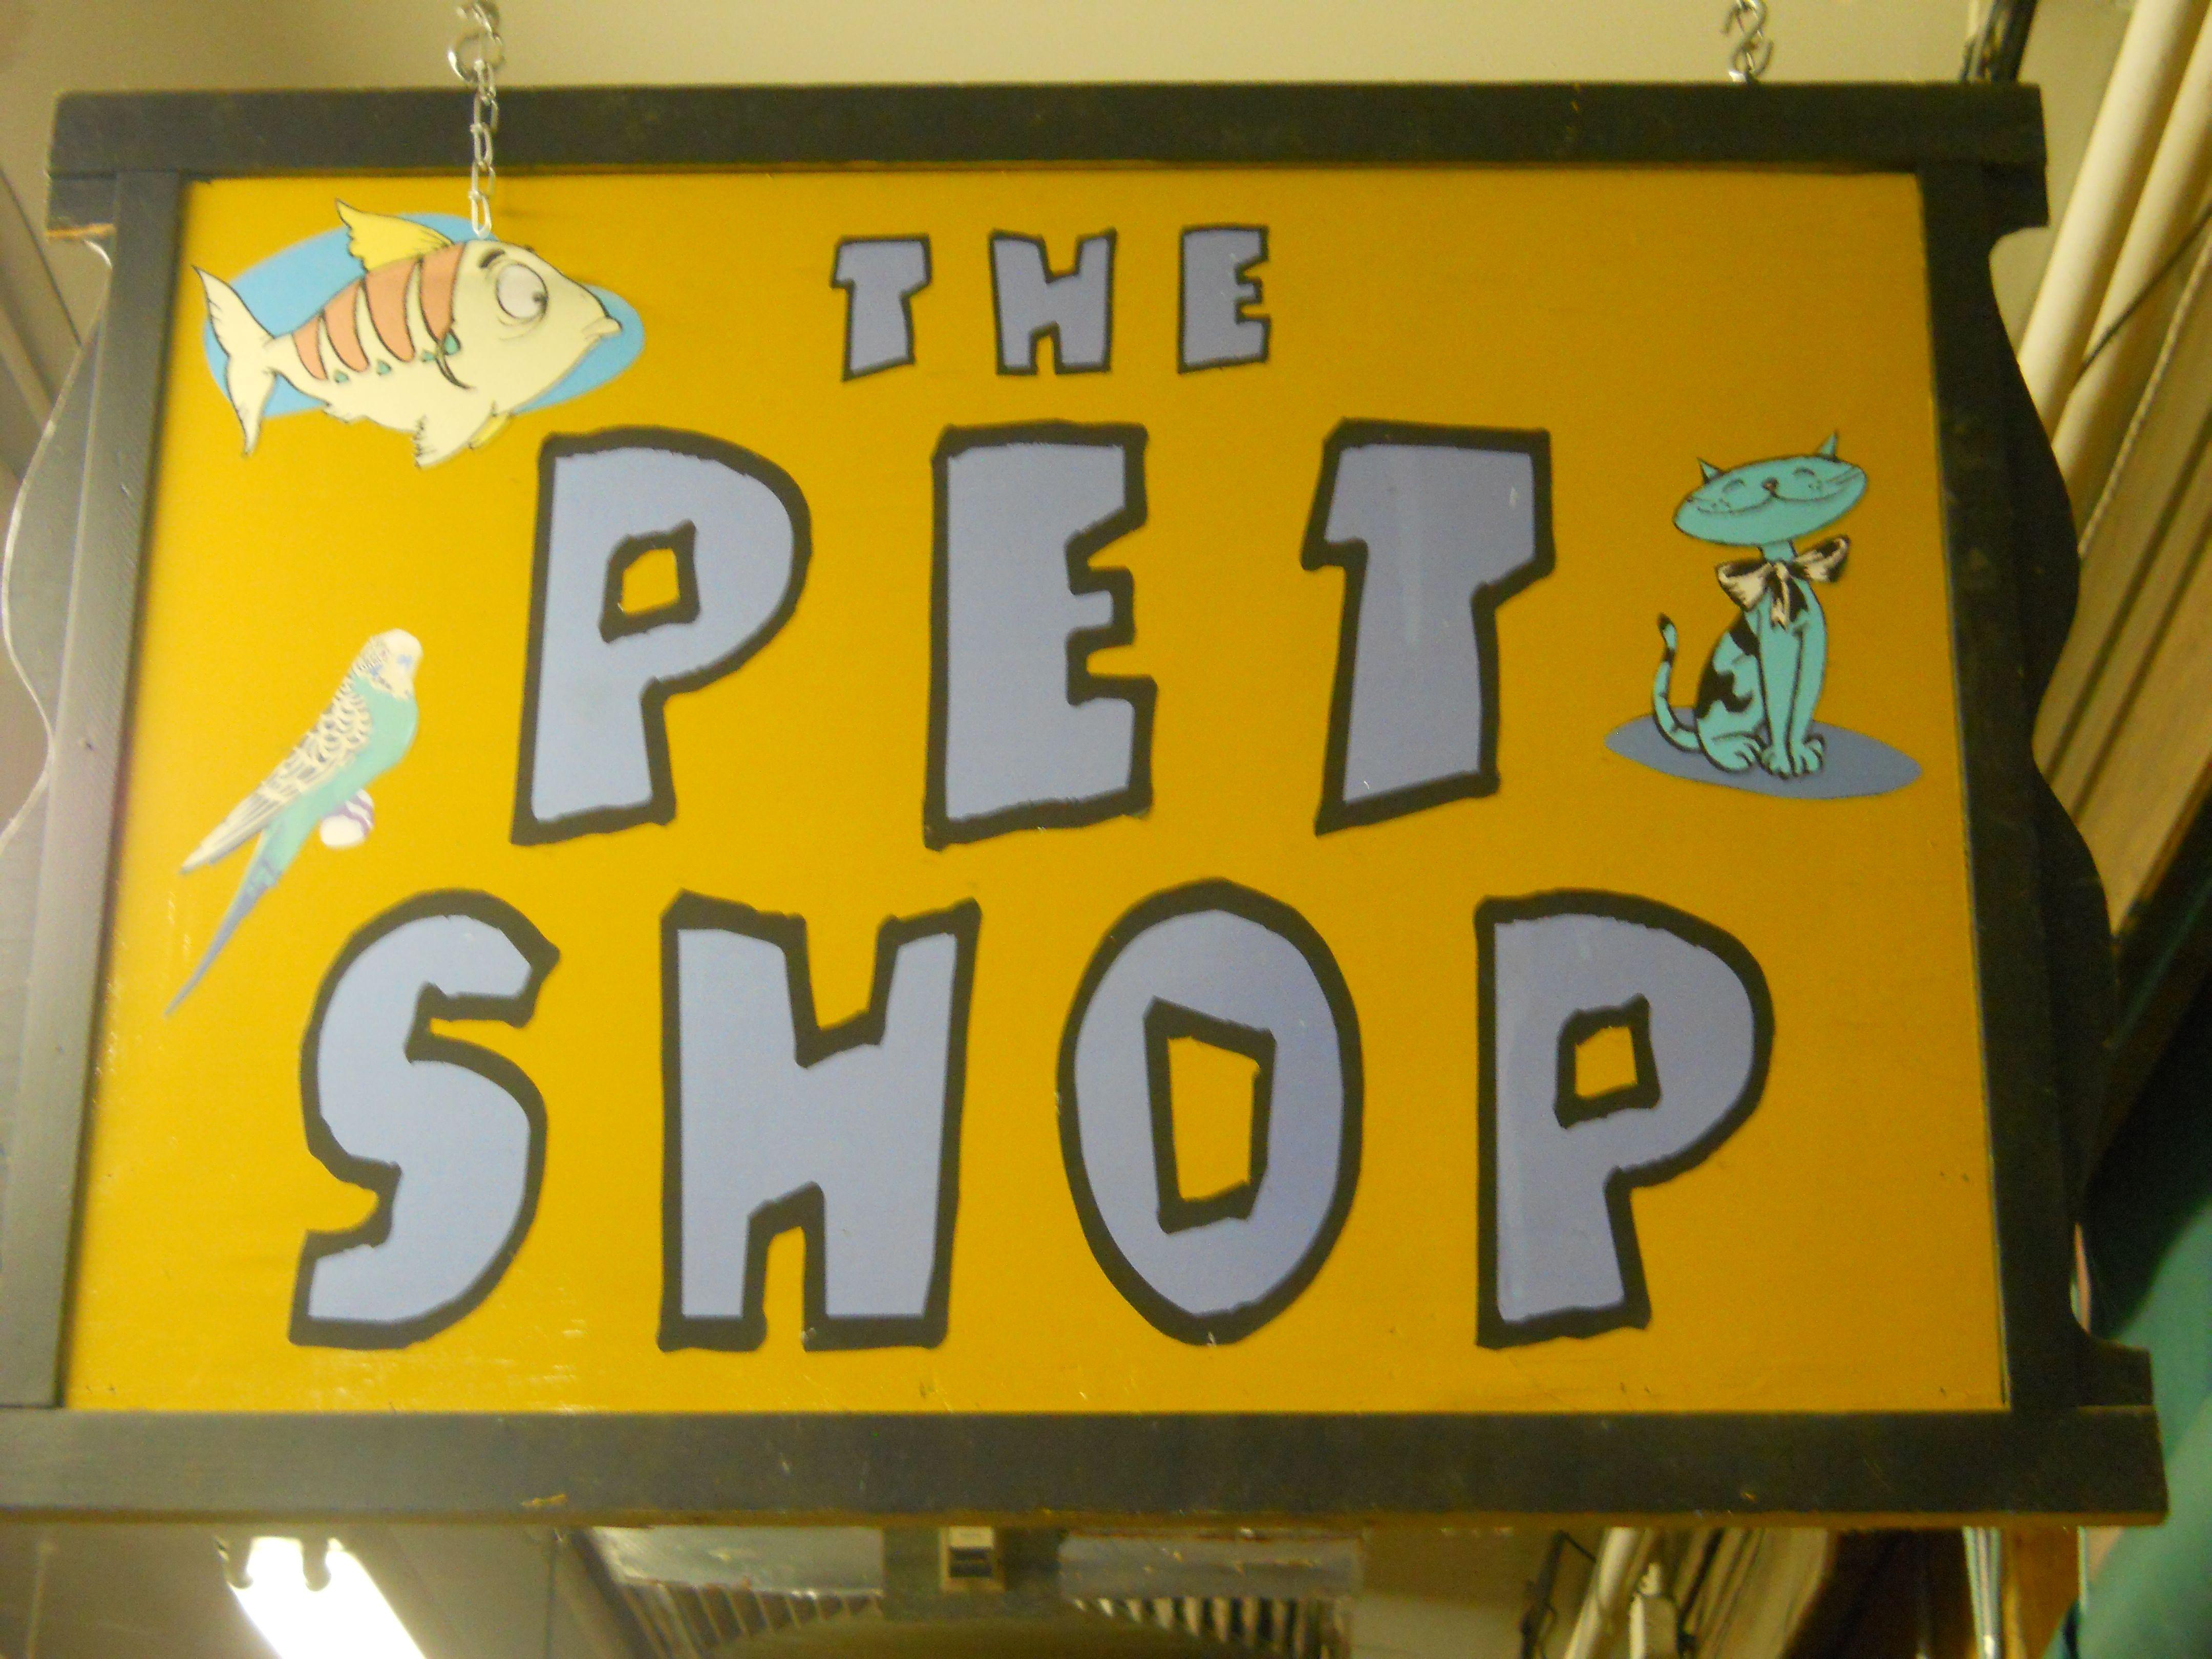 pet shop Pet shop, Pets, Pet supplies